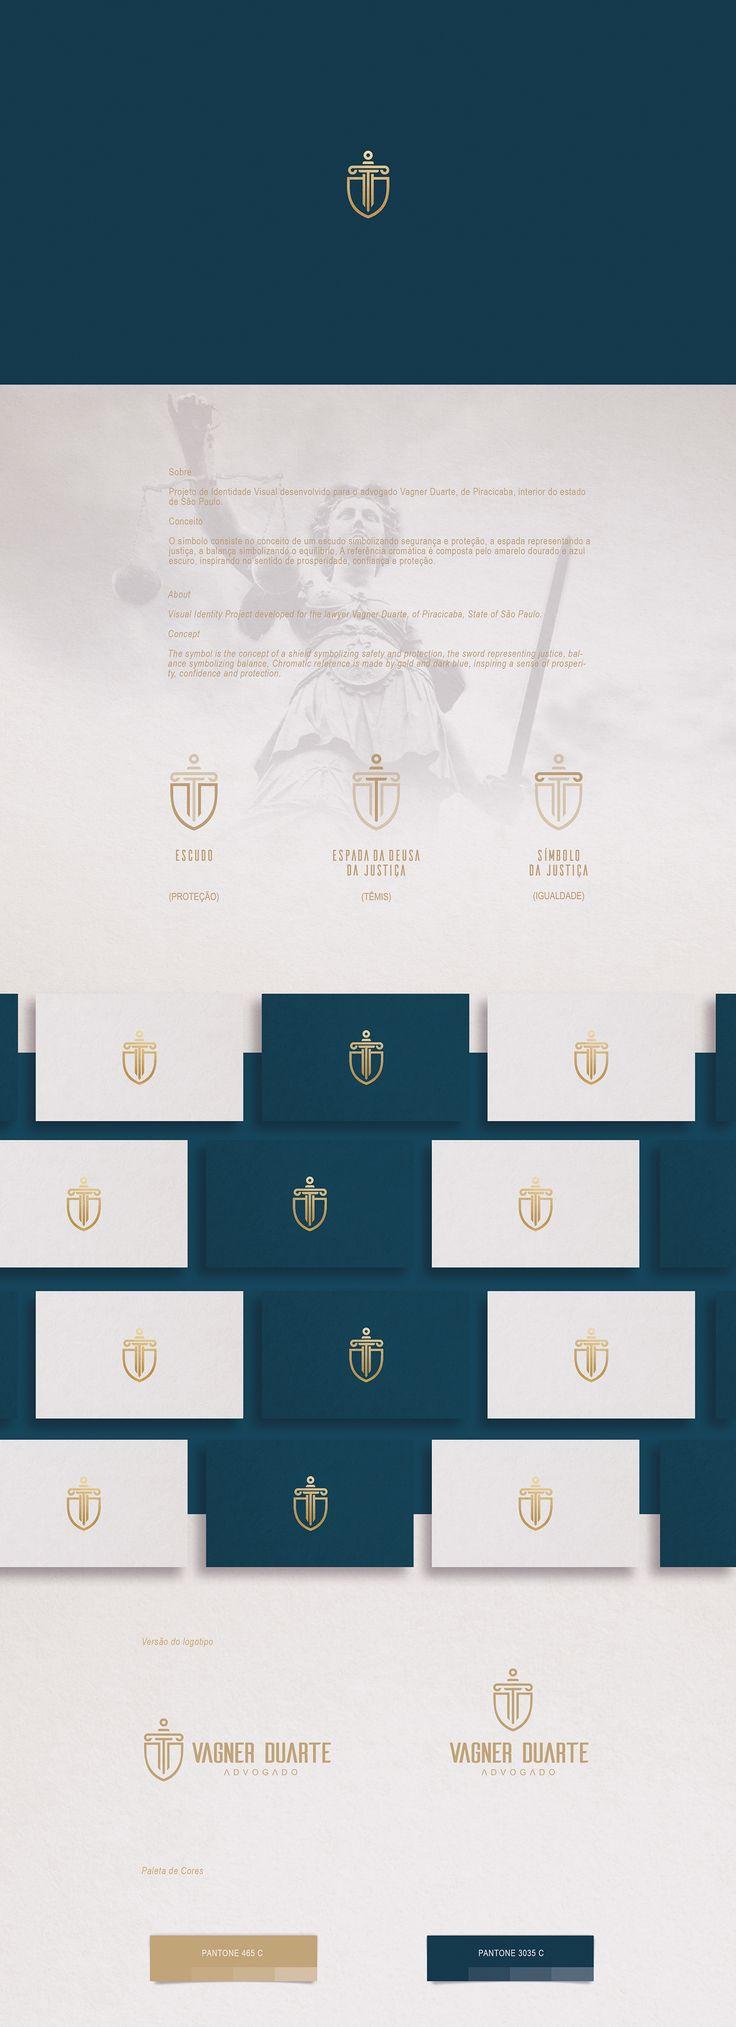 SobreProjeto de Identidade Visual desenvolvido para o advogado Vagner Duarte, de Piracicaba, interior do estado de São Paulo.Conceito O símbolo consiste no conceito de um escudo simbolizando segurança e proteção, a espada representando a justiça, a ba…